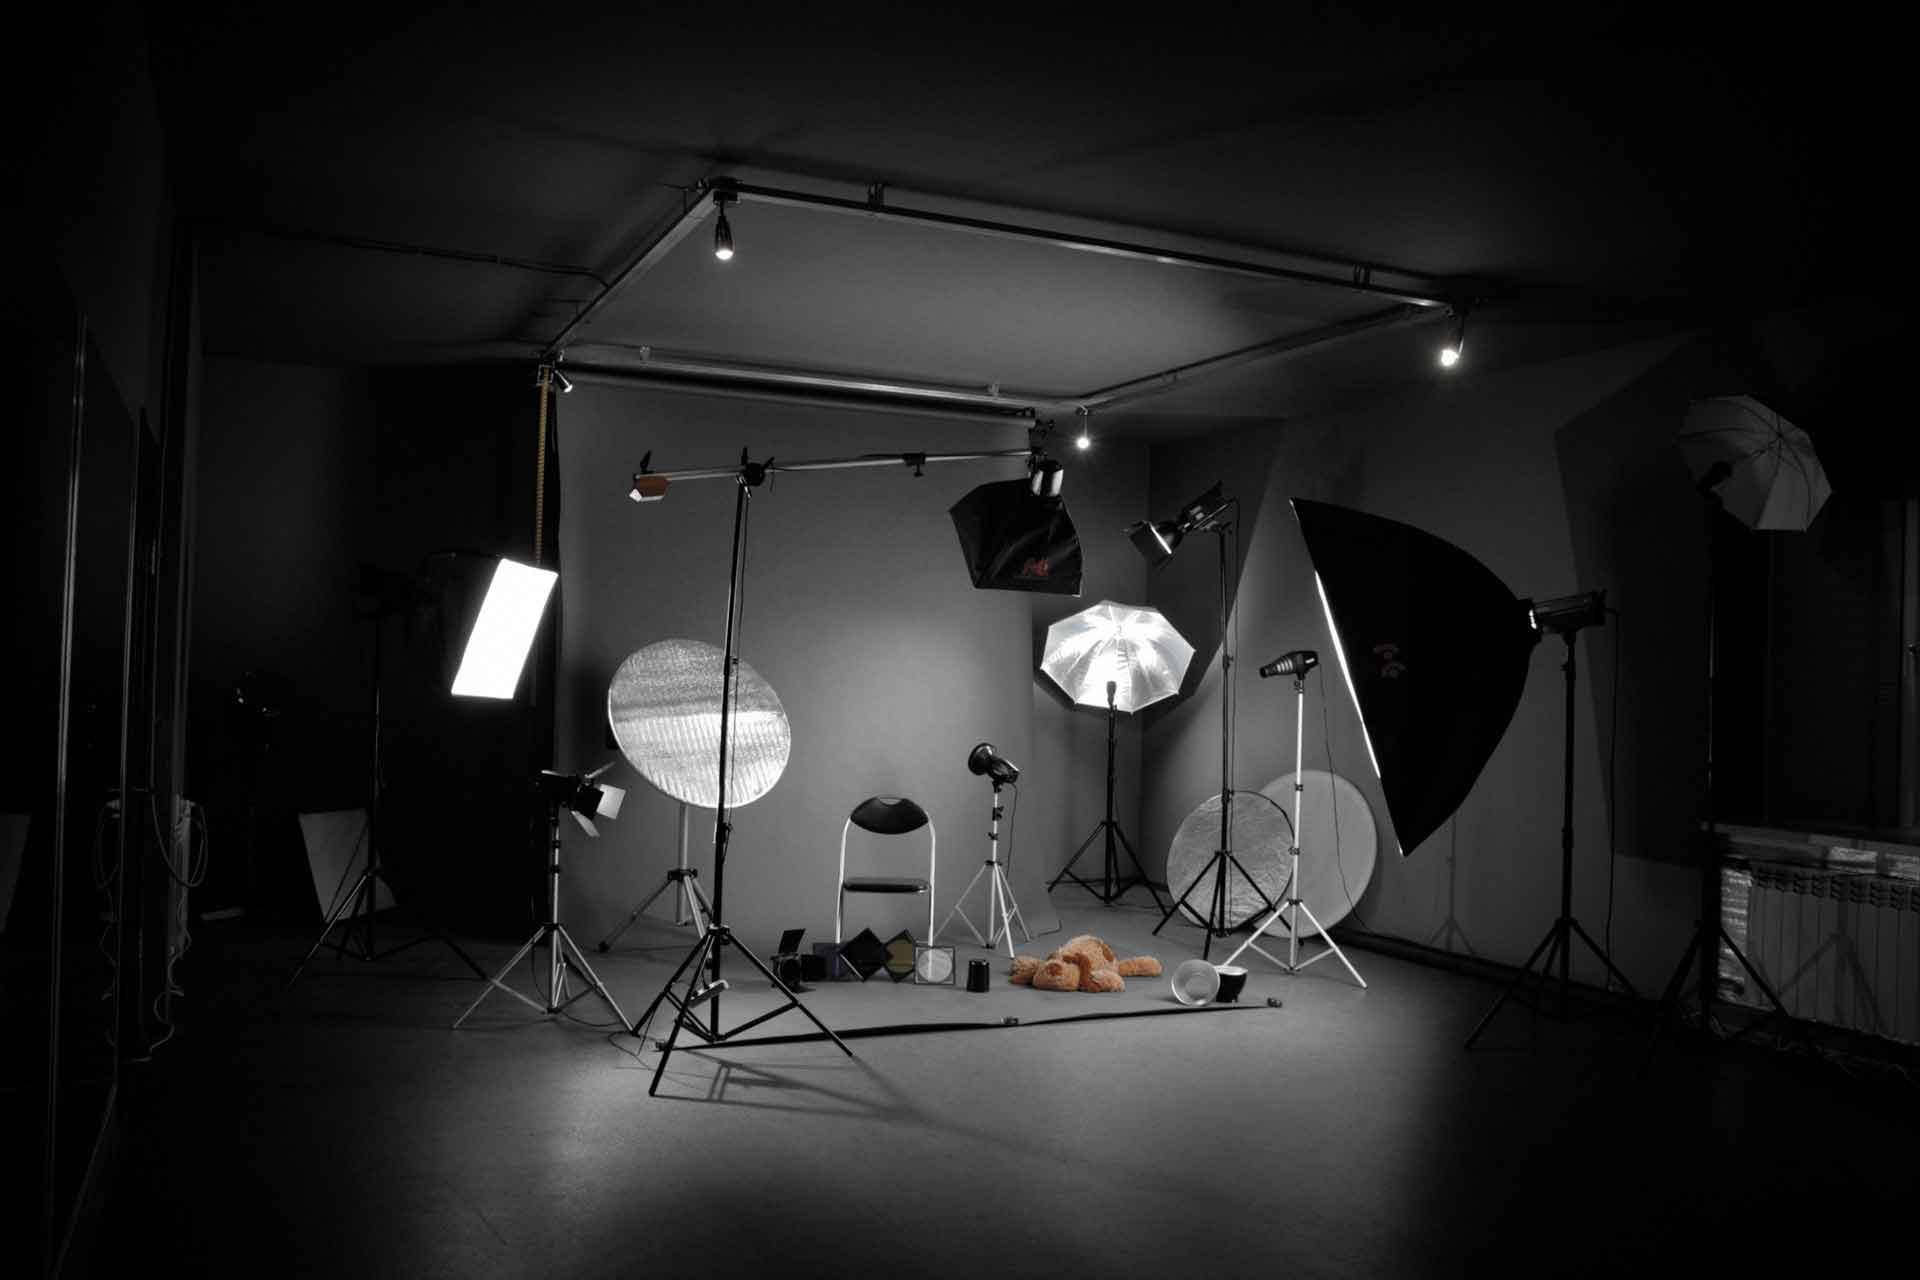 делать свою свет для студийной фотосъемки практикуемого том